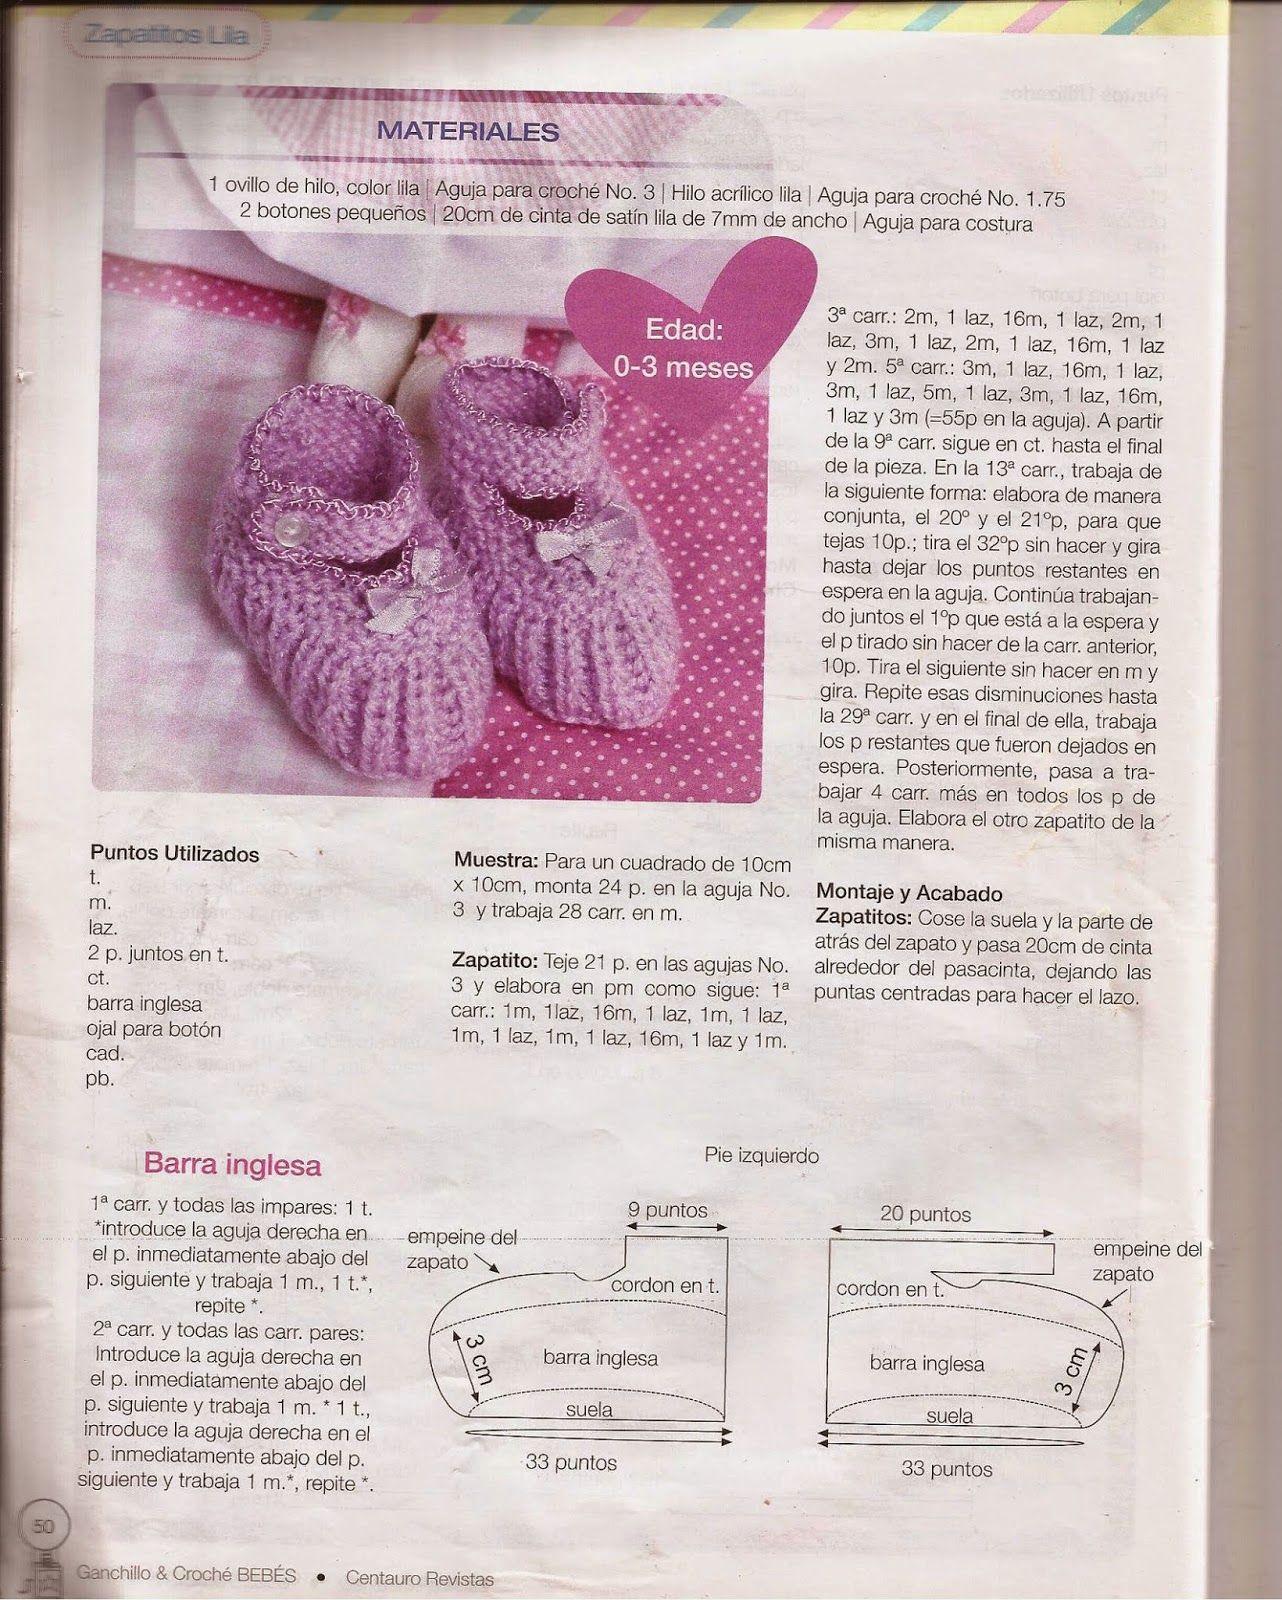 Revistas de crochet y tejidos gratis: patrones crochet para bebes ...